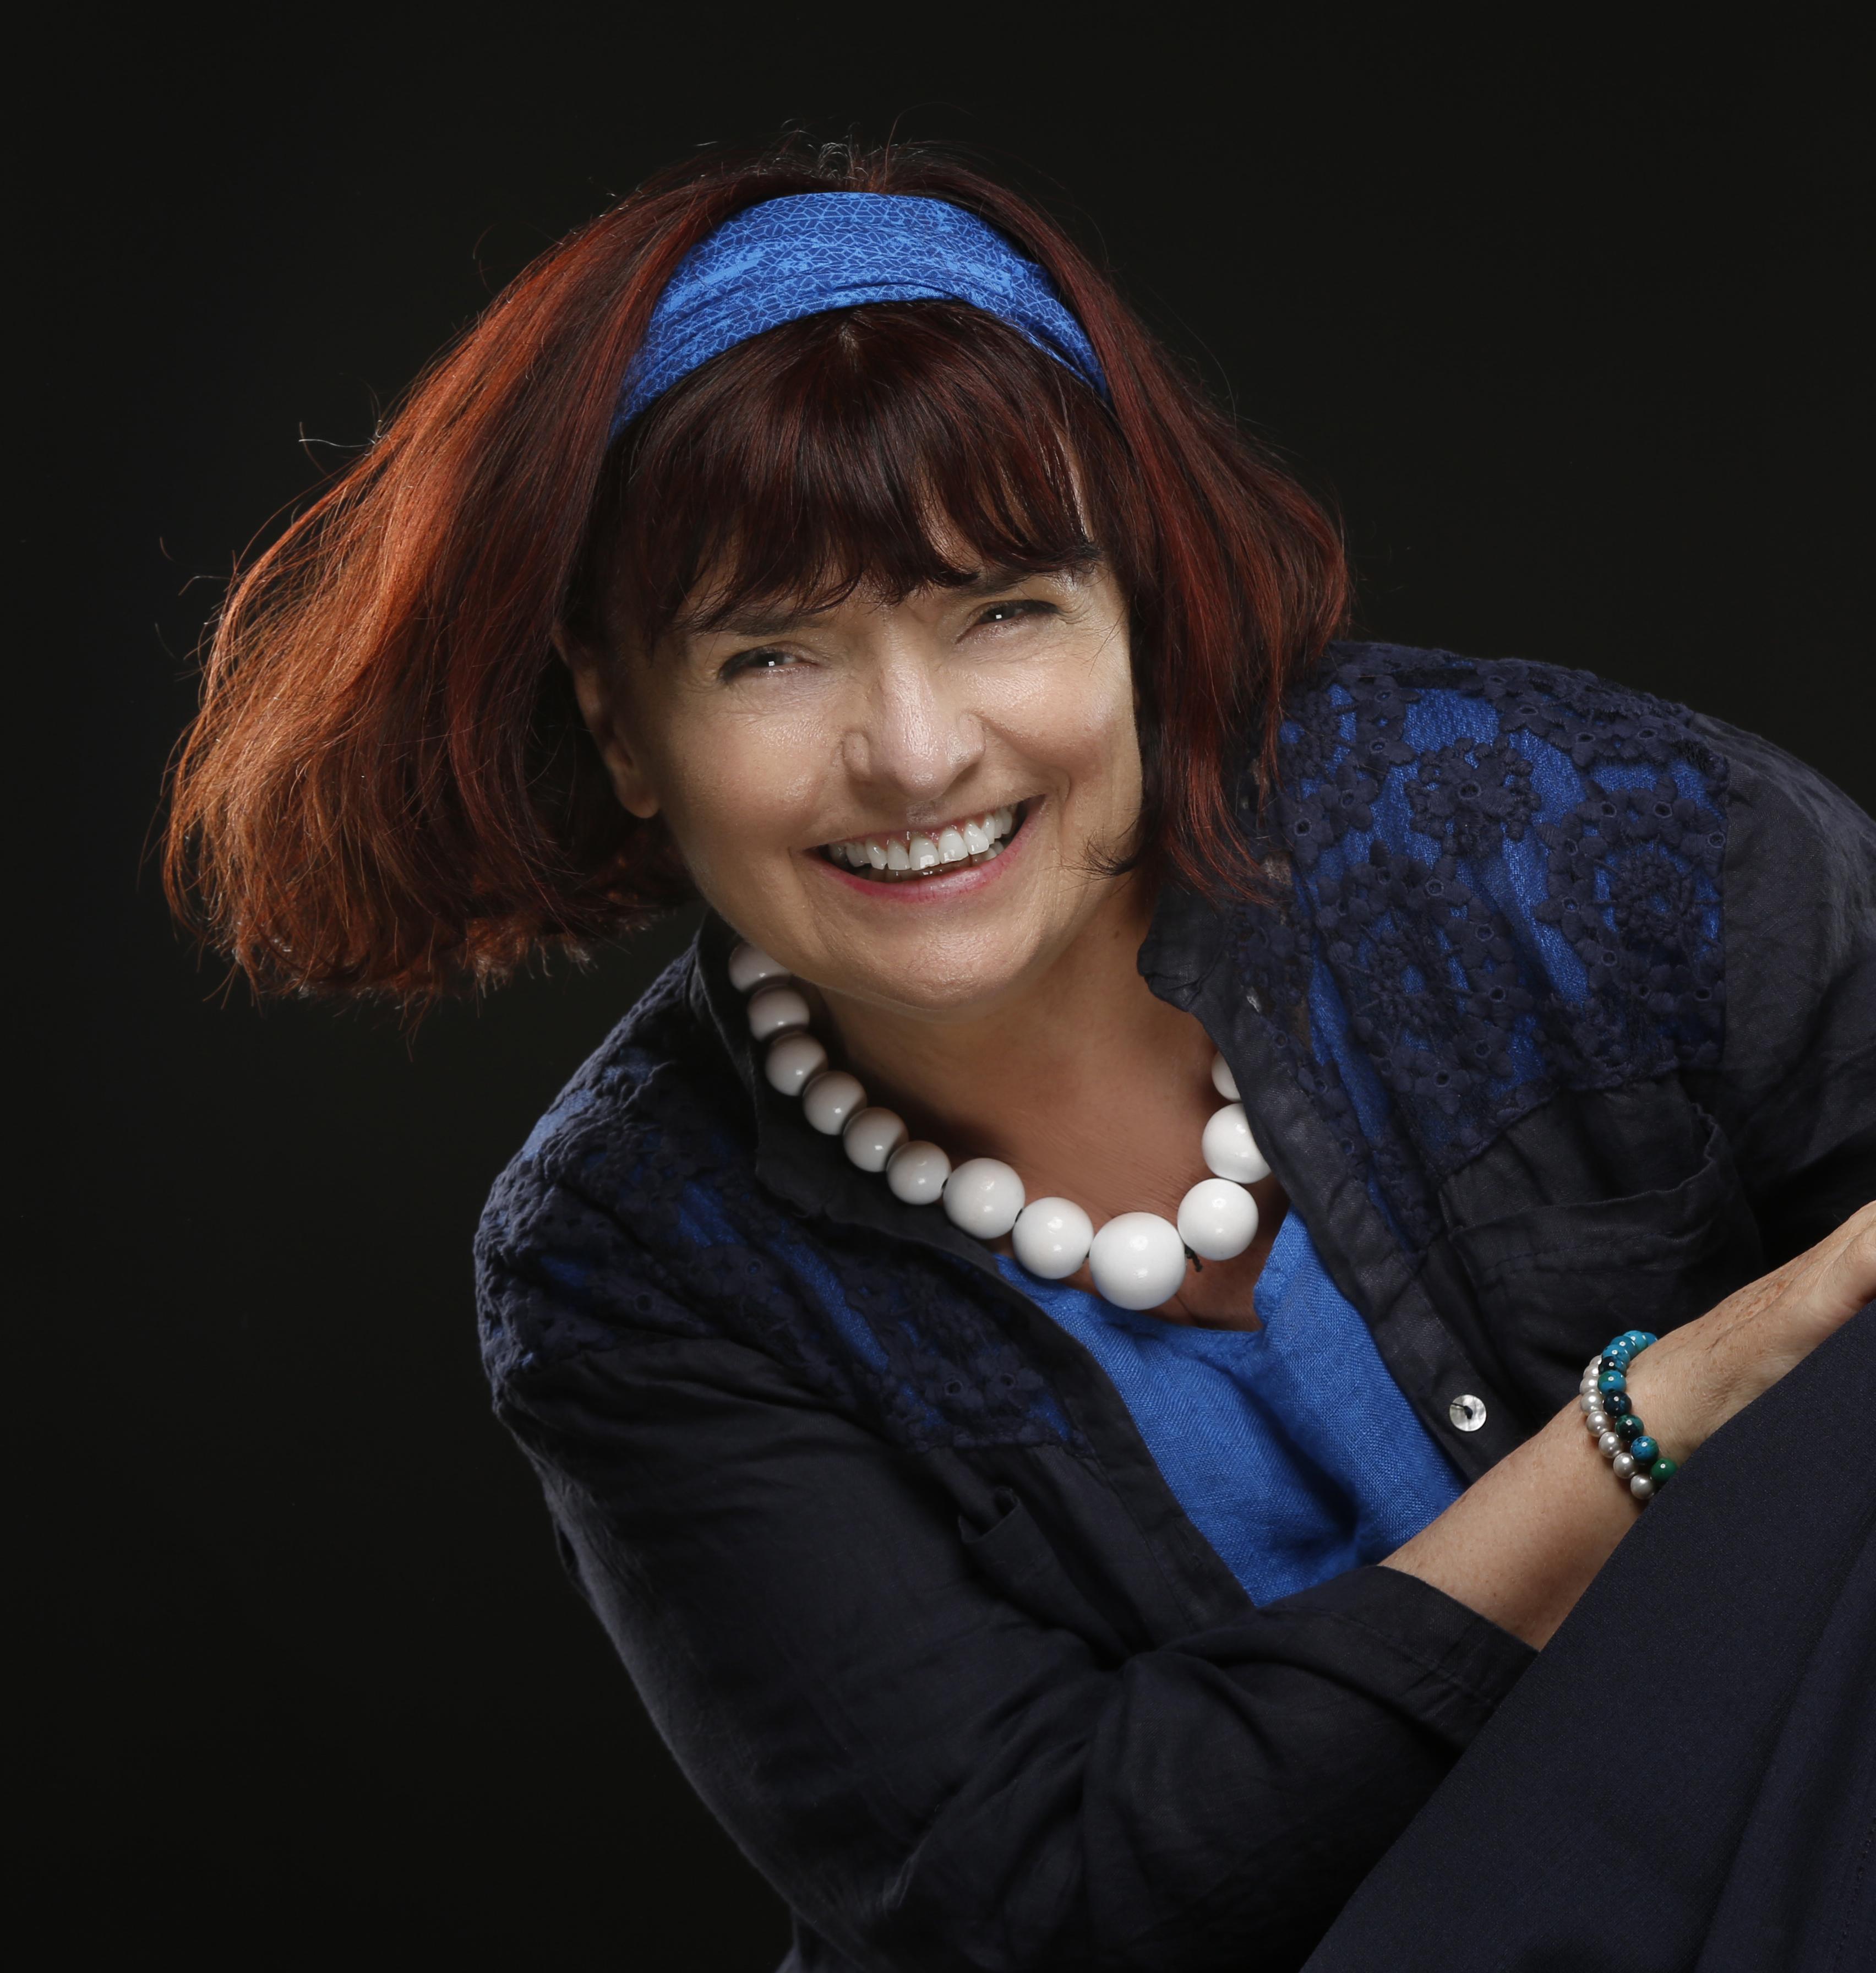 Elisabeth Pierre: fondatrice de «Bierrissima» se raconte au public italien